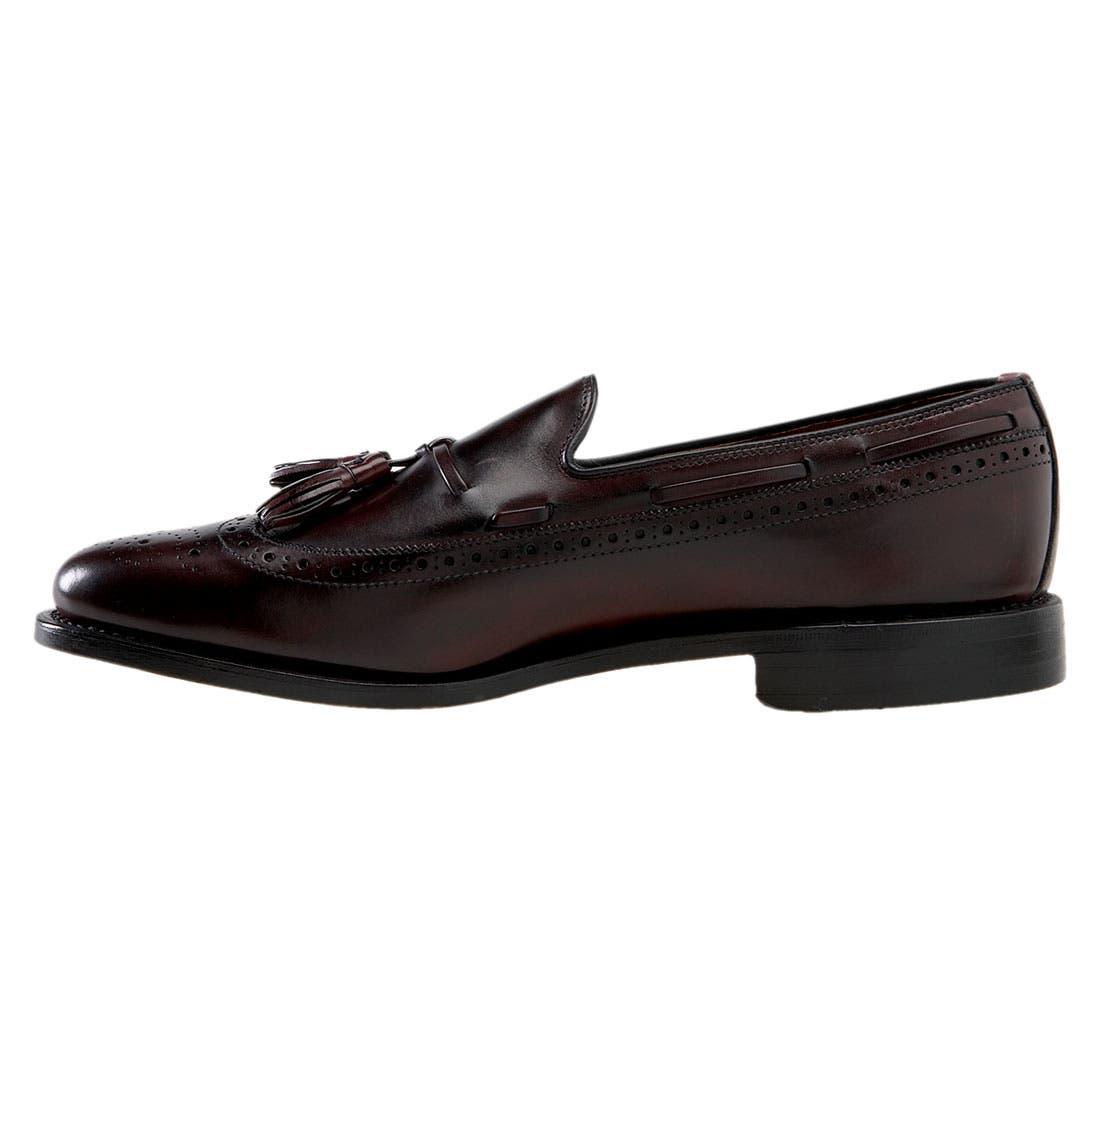 Alternate Image 2  - Allen Edmonds 'Manchester' Loafer (Men)